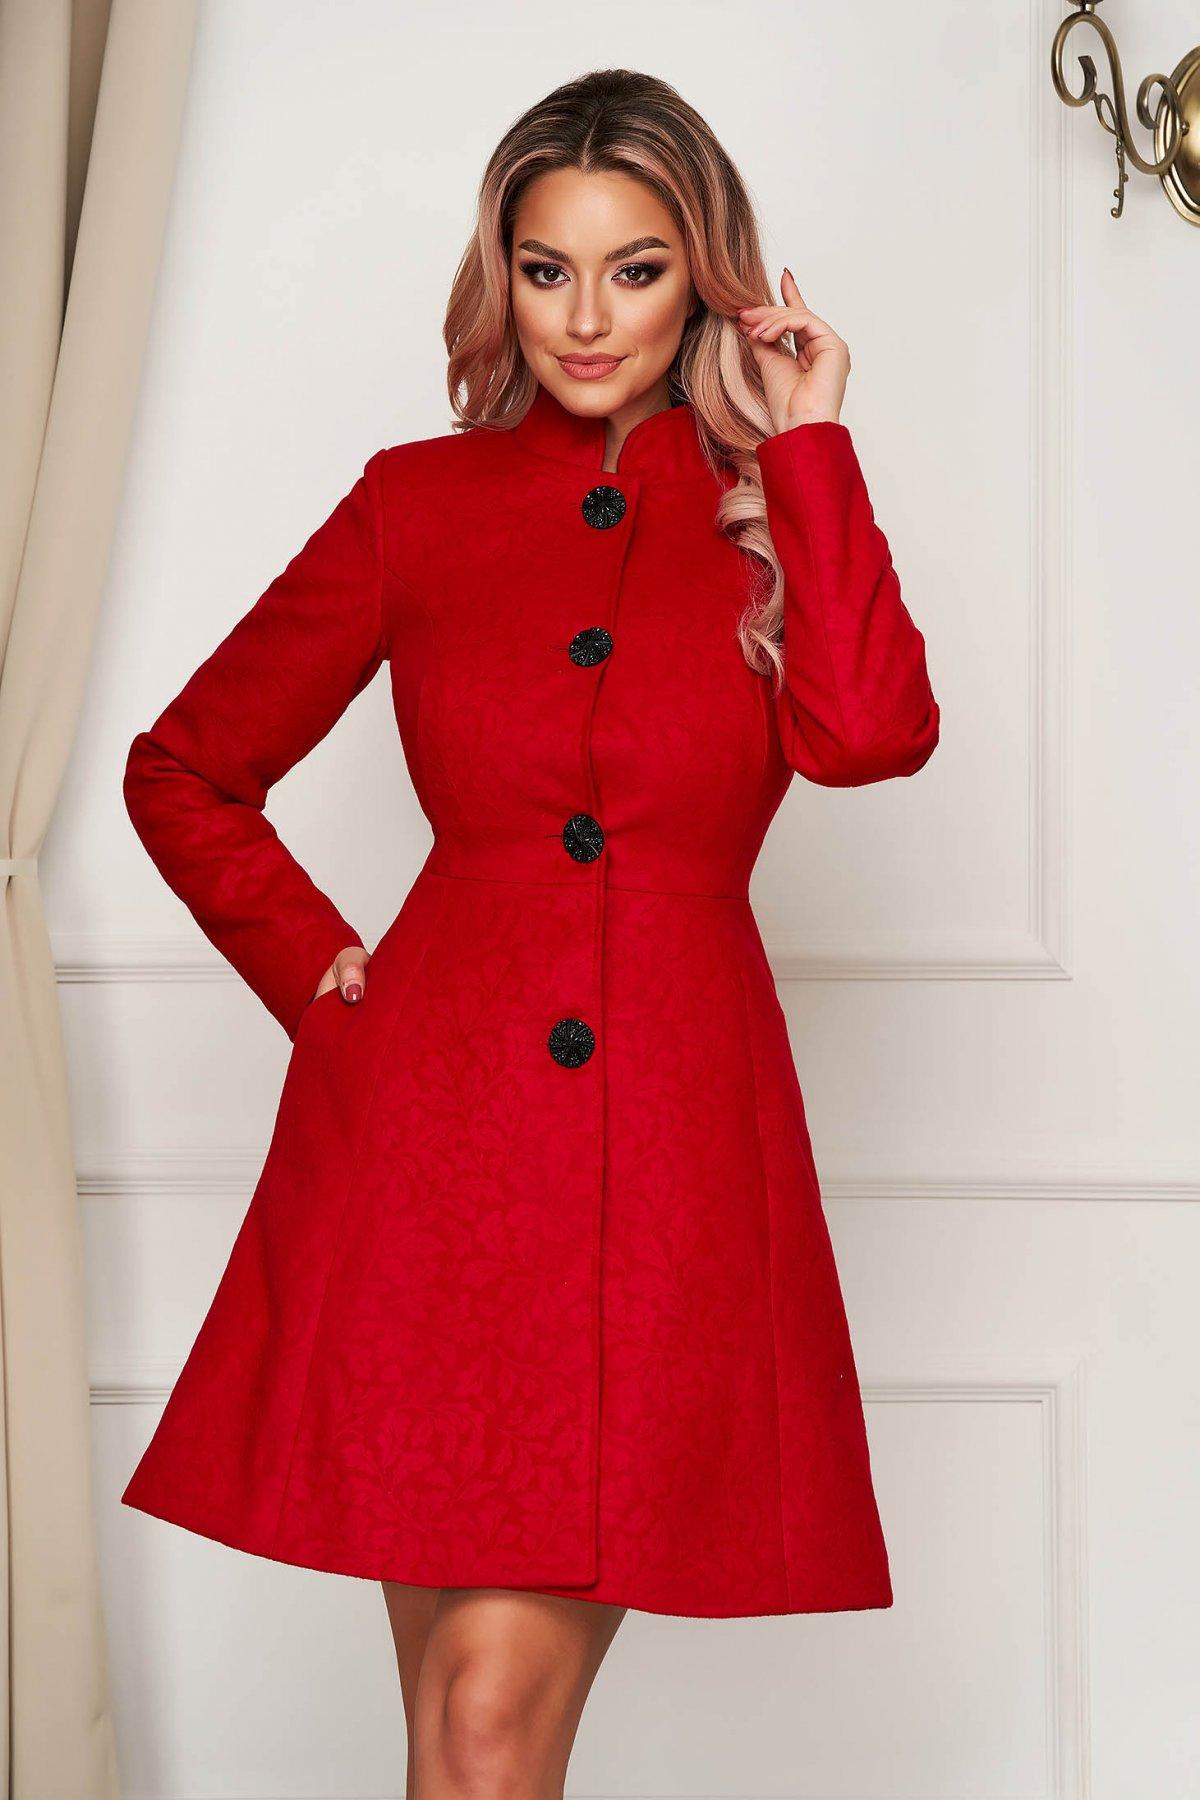 Palton rosu elegant scurt in clos din stofa neelastica cu umerii buretati captusit pe interior